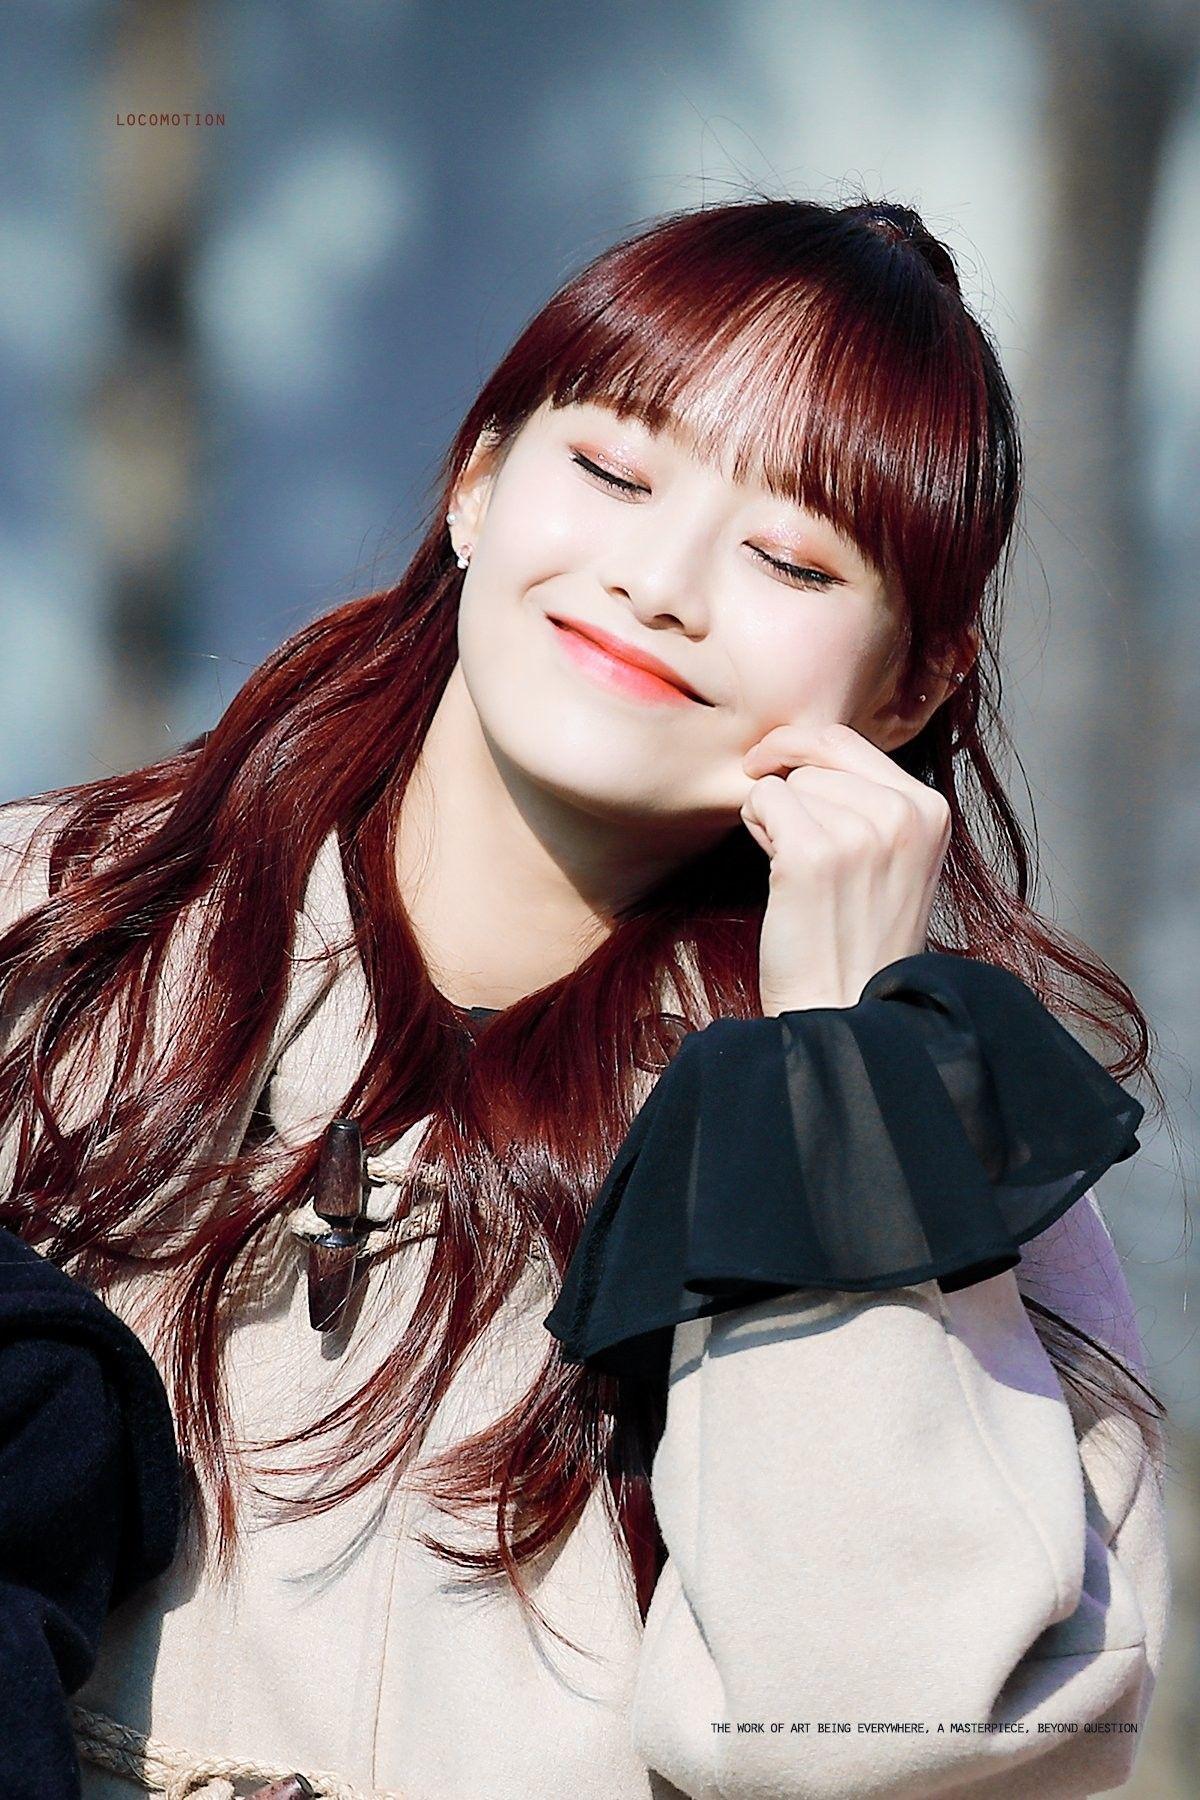 Loona Chuu Chuu Loona Kpop Girls Girl